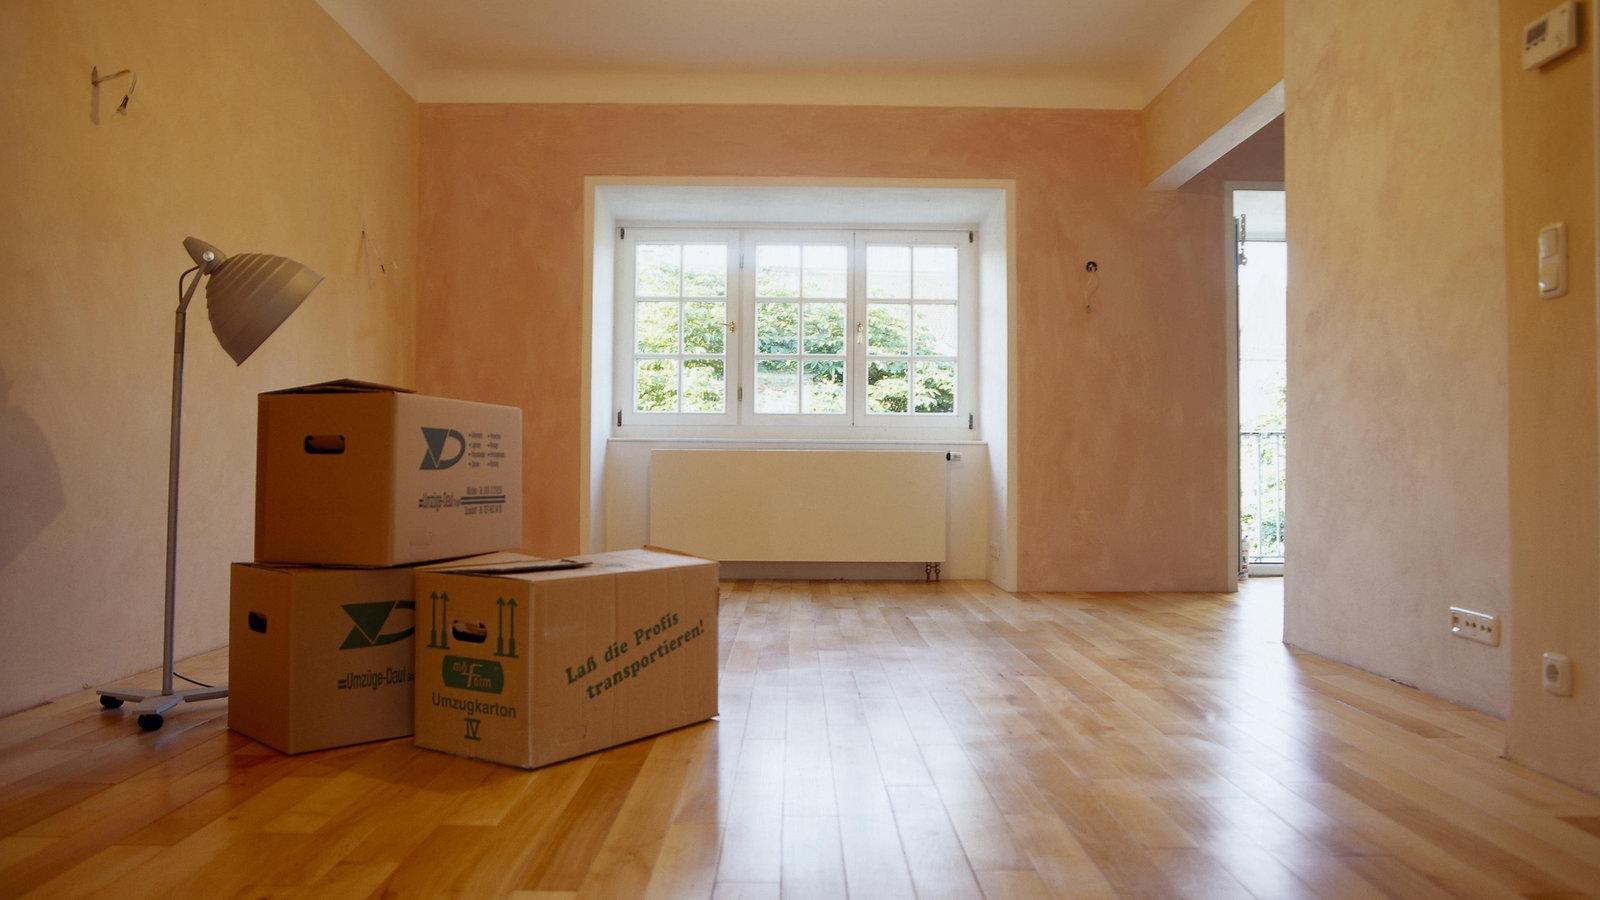 video weniger ist mehr wie entr mpeln die seele befreit planet wissen sendungen a z. Black Bedroom Furniture Sets. Home Design Ideas